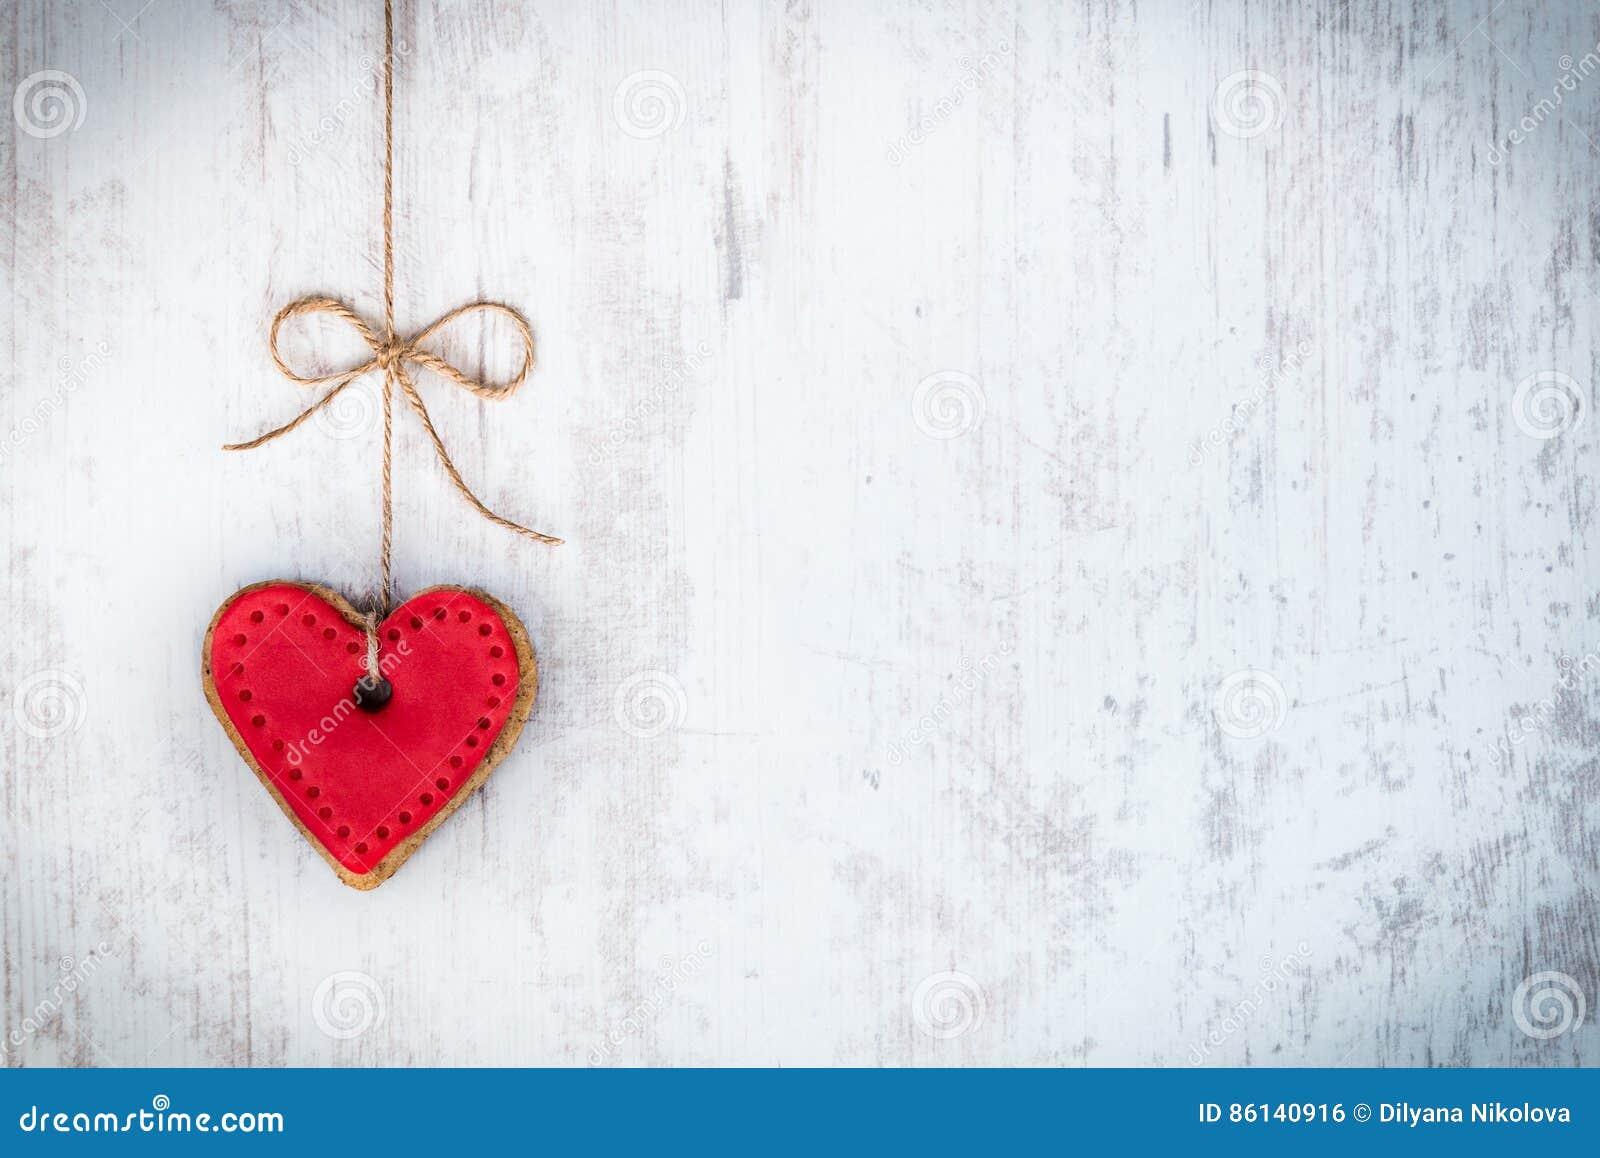 Concept de jour de Valentines Biscuit en forme de coeur attaché avec l arc de chanvre au-dessus du fond rustique en bois blanc